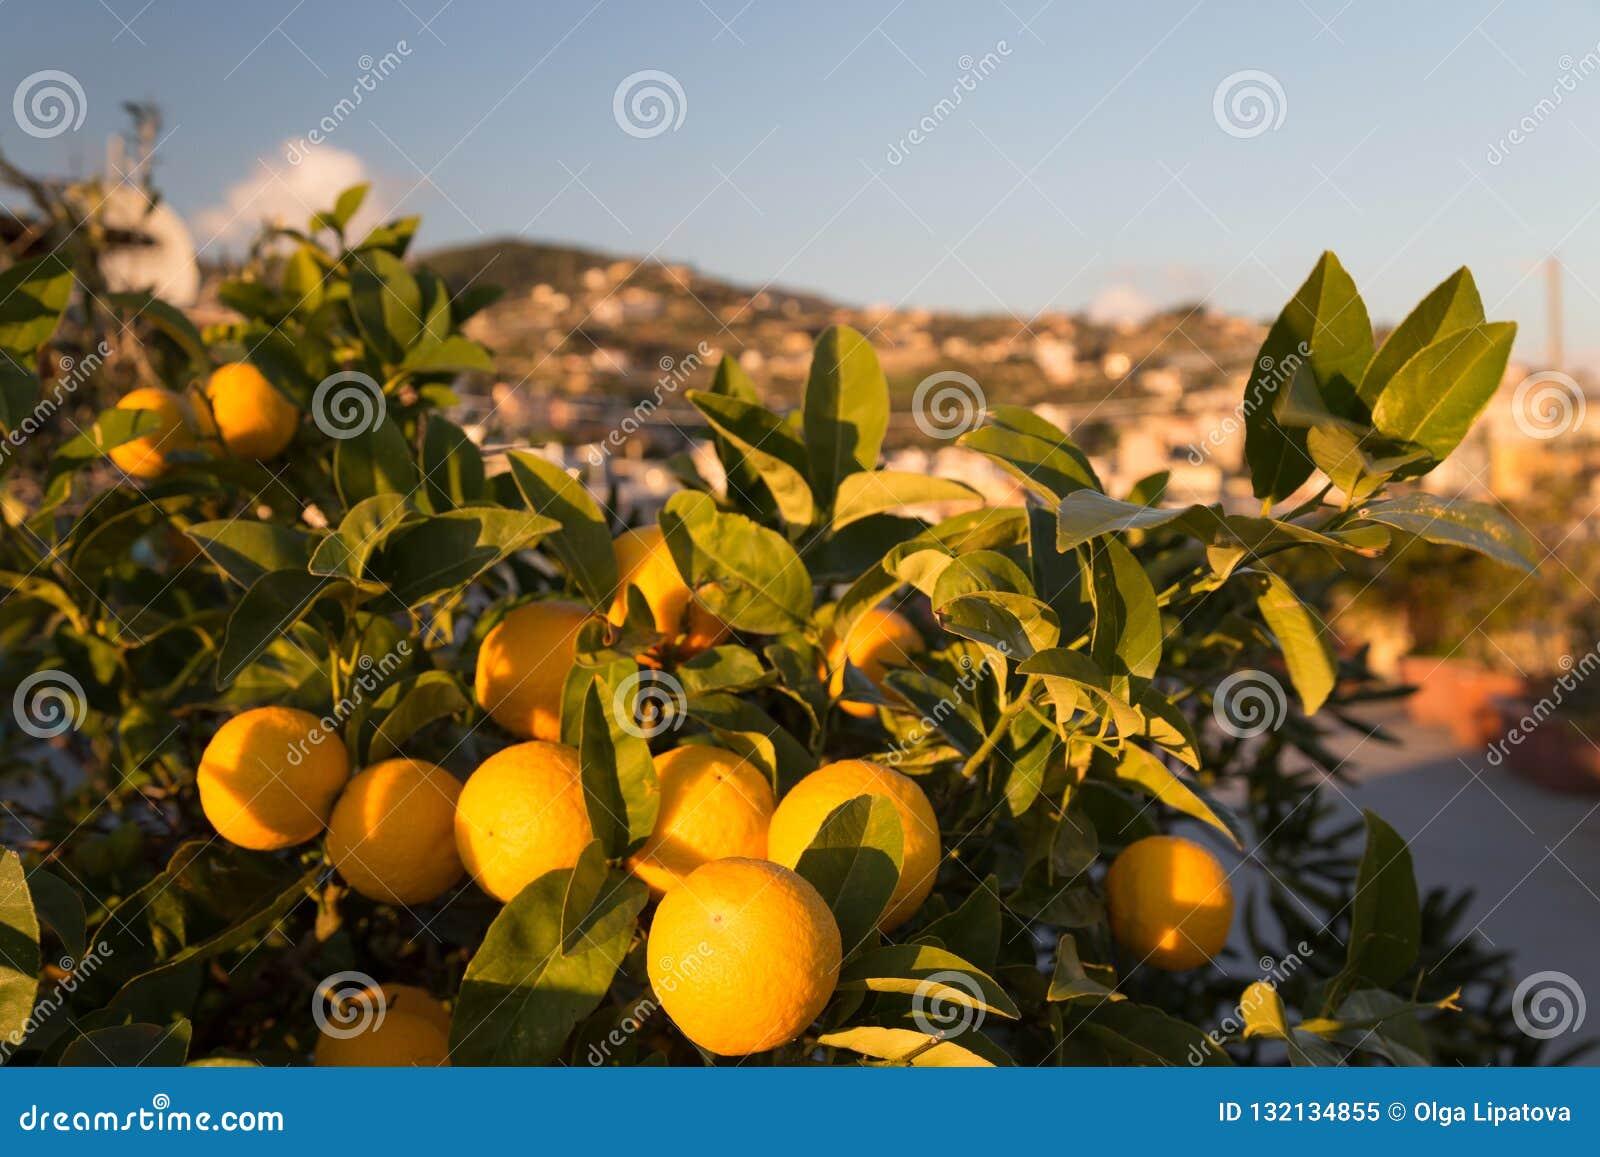 Naranjas maduras en un árbol